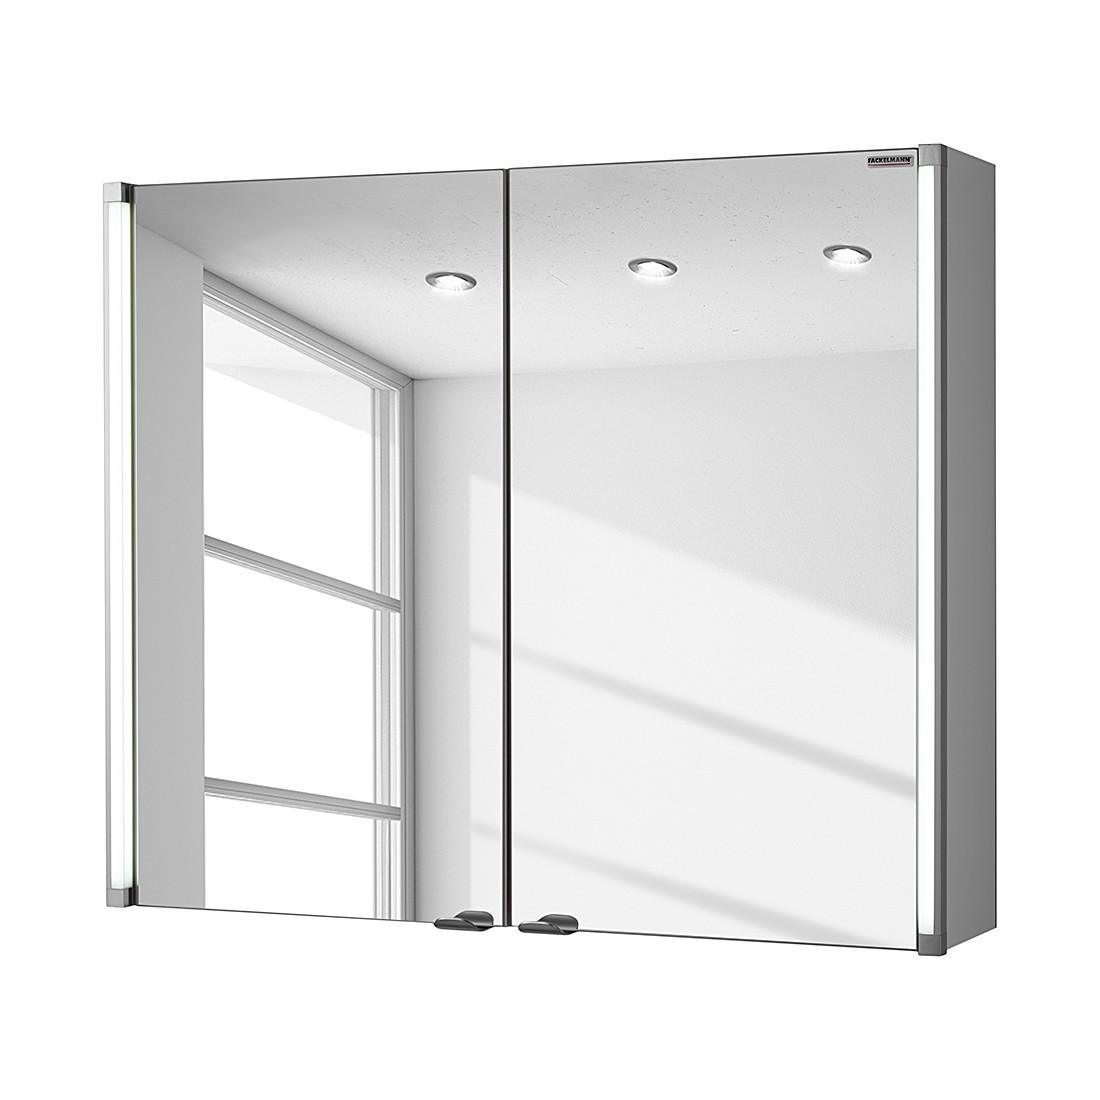 EEK A+, Spiegelschrank LED-Line - Weiß - 80 cm, Fackelmann